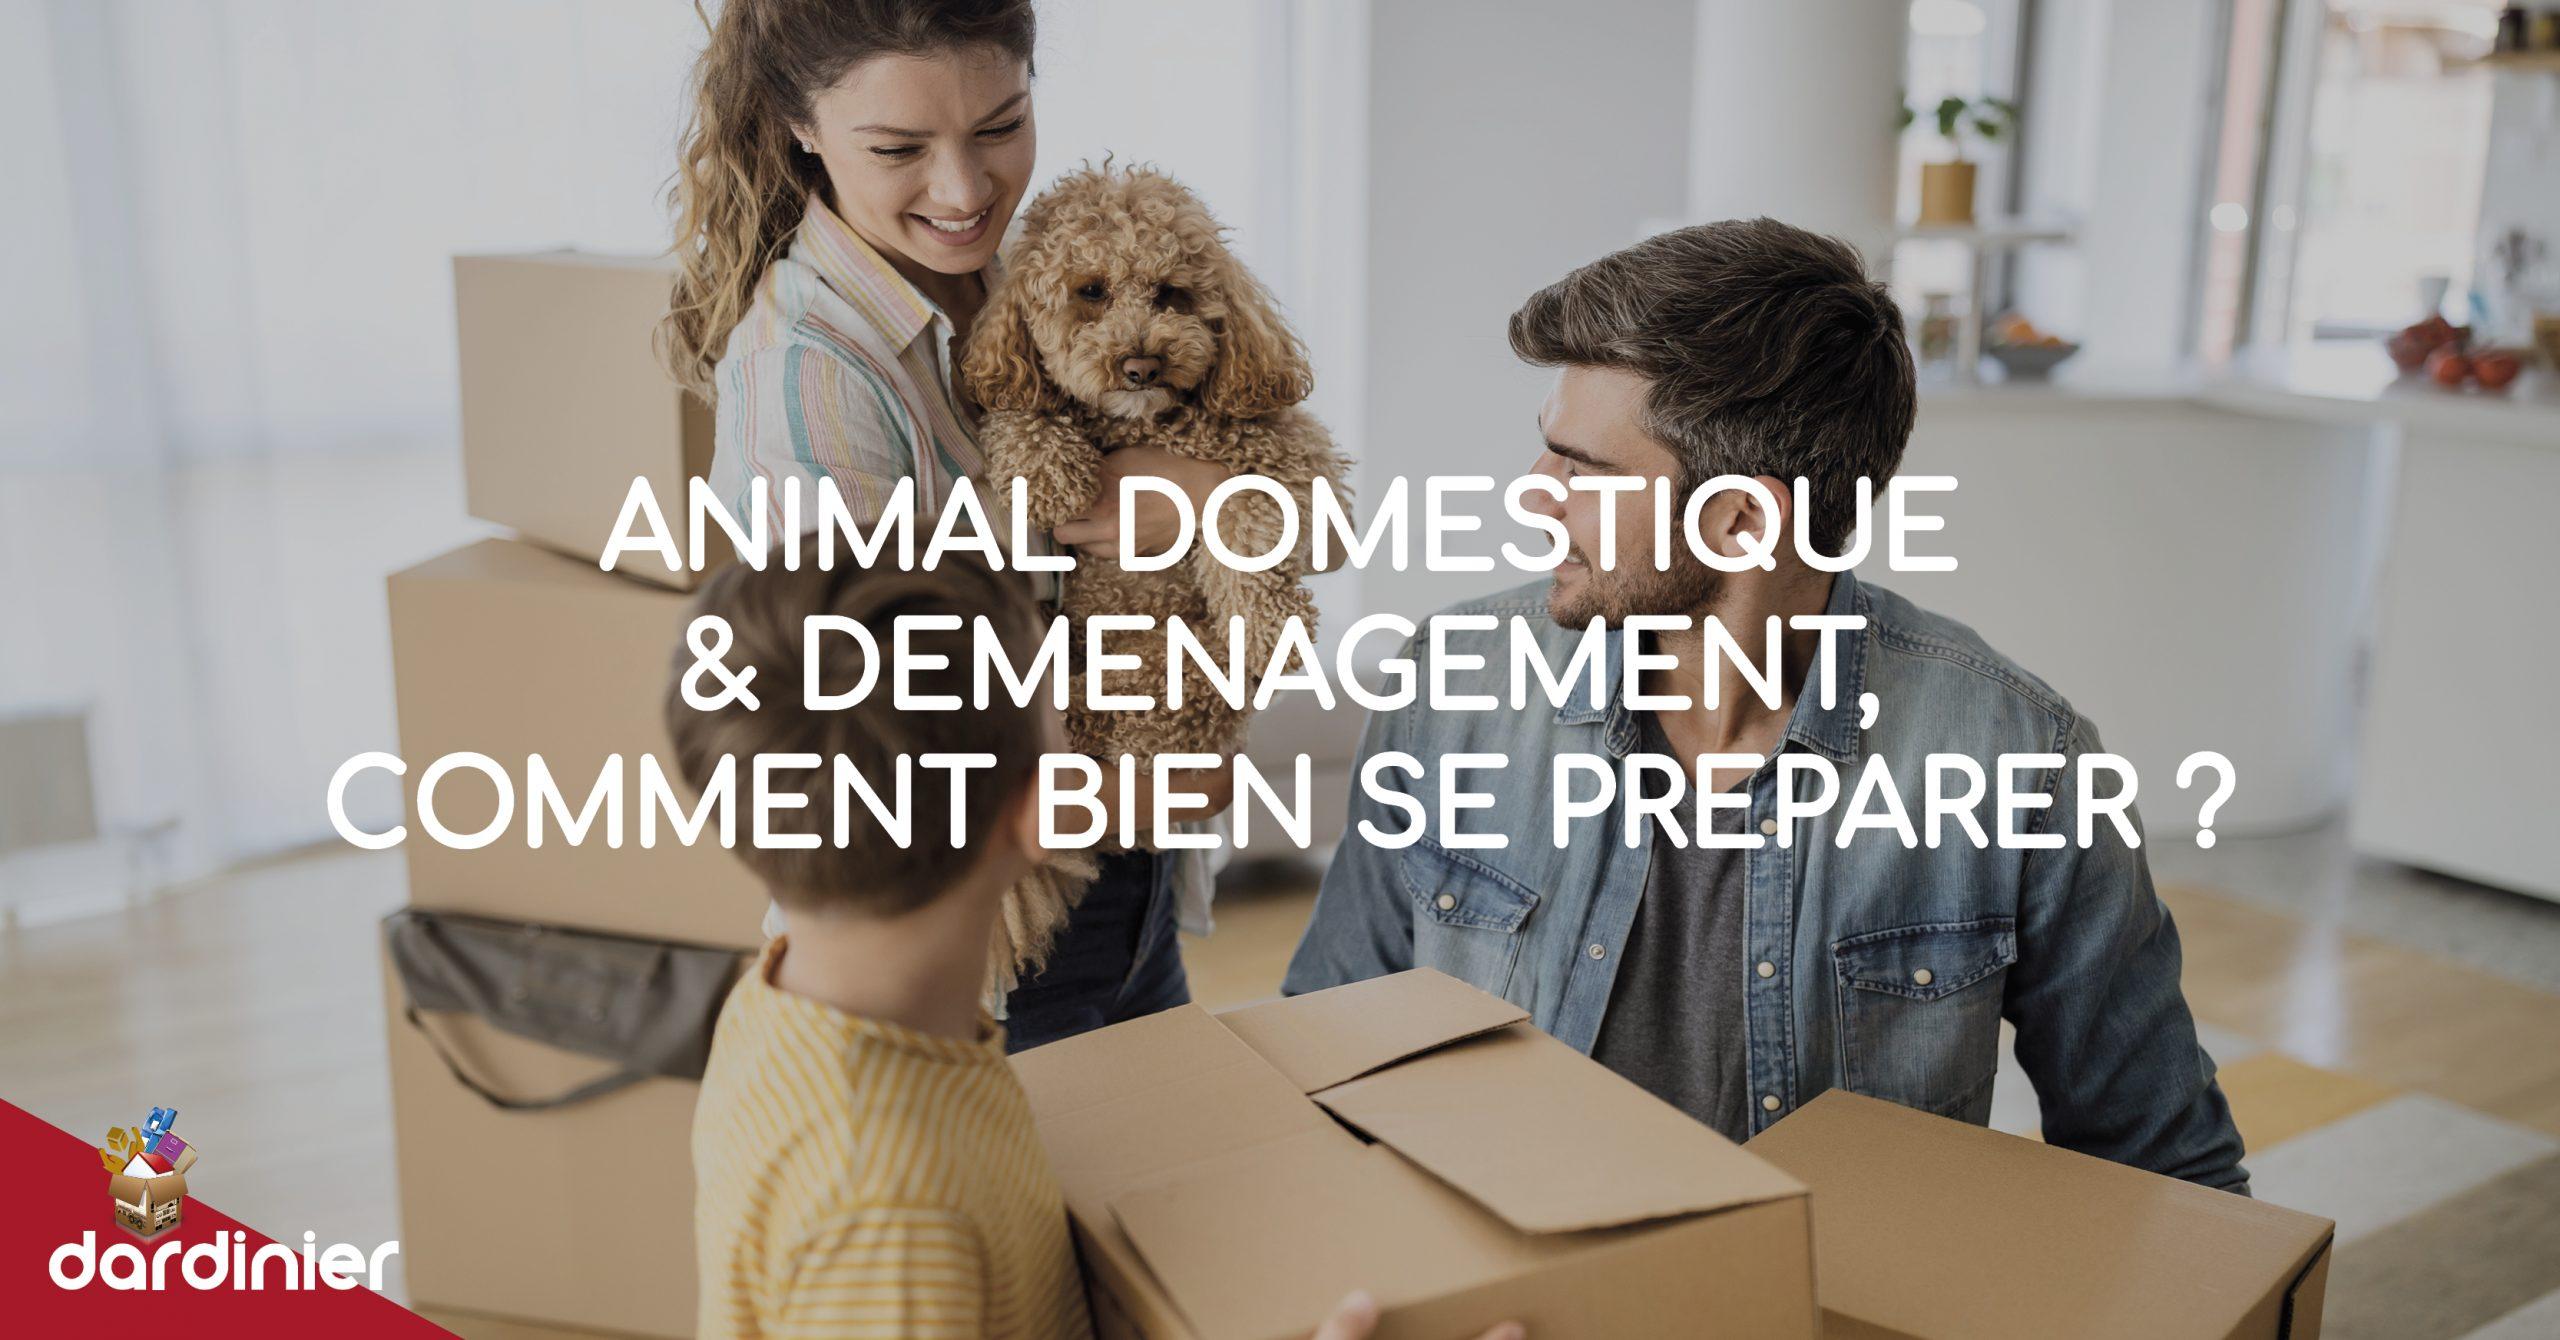 Animal domestique et déménagement, comment bien se préparer ?